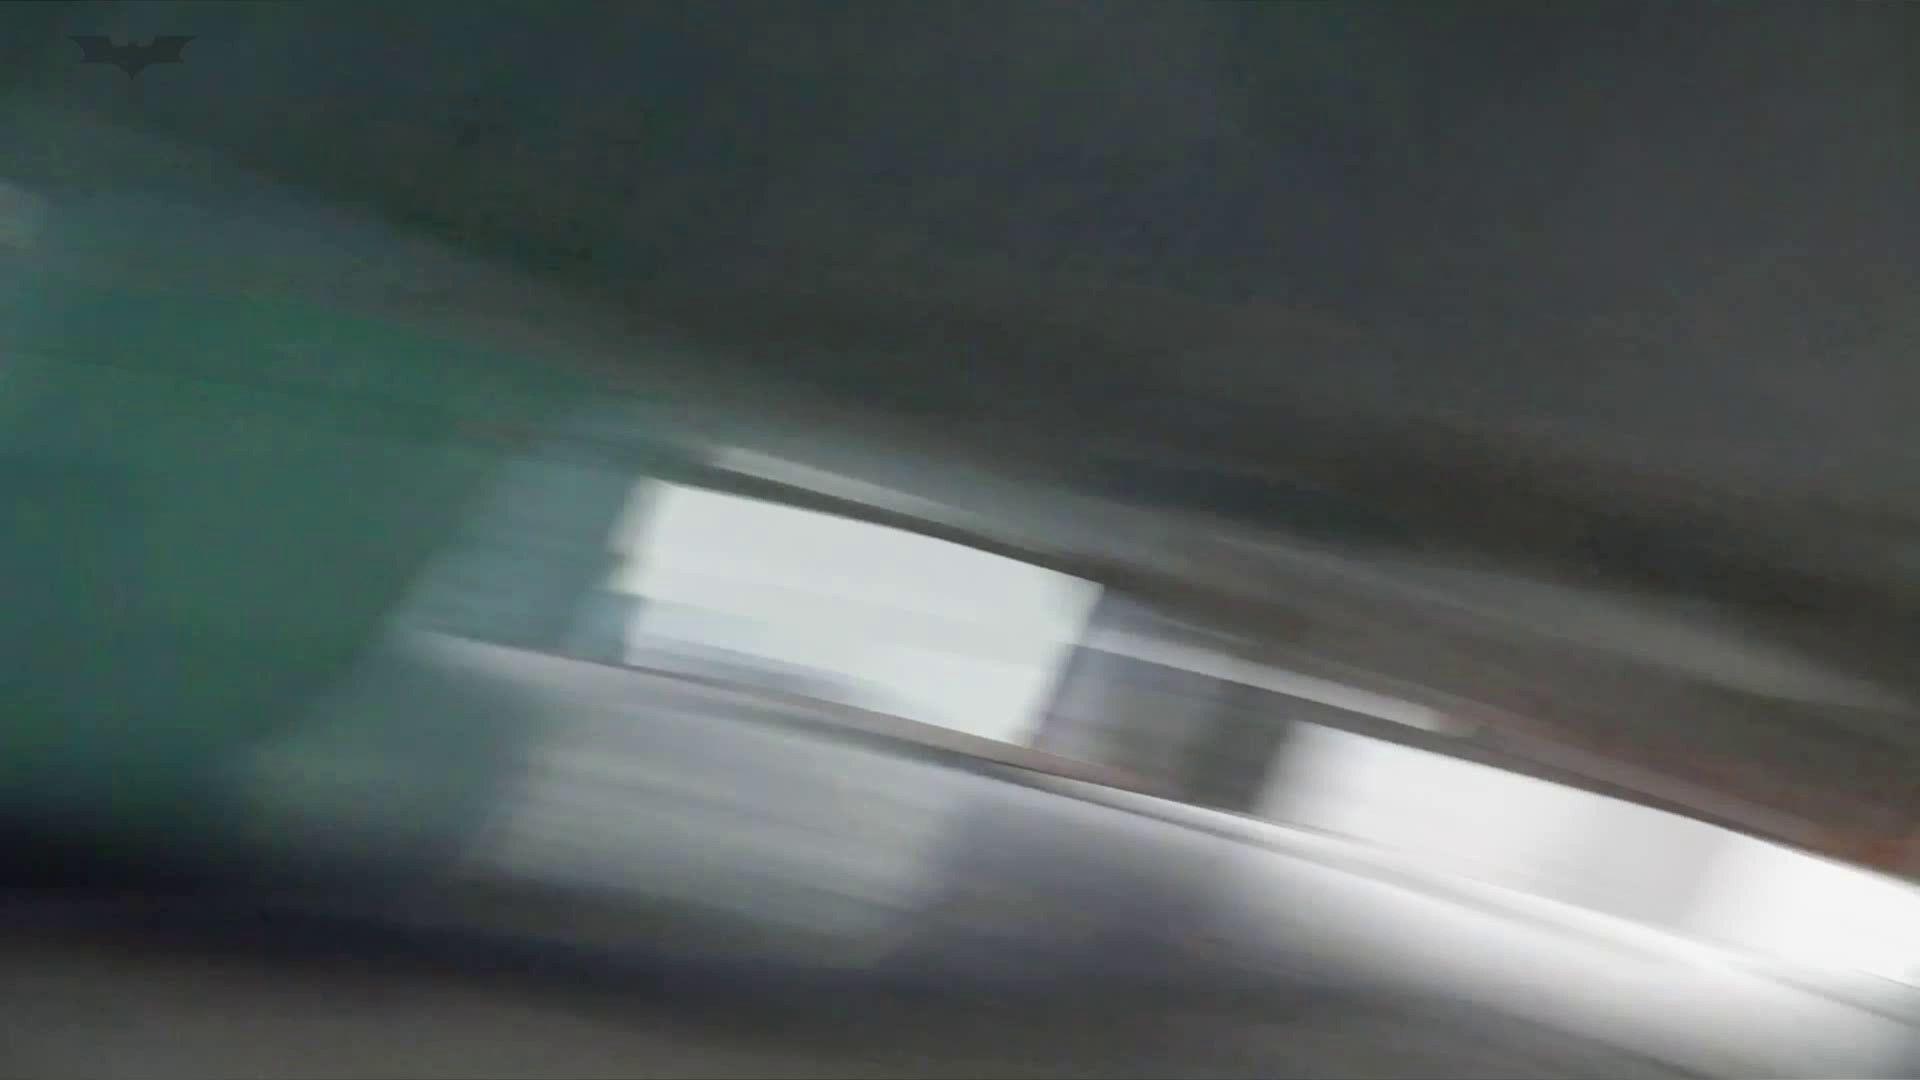 なんだこれVol.12 美魔女登場、 HD万歳!! 違いが判る映像美!! テクニック   エッチすぎるOL達  102連発 88